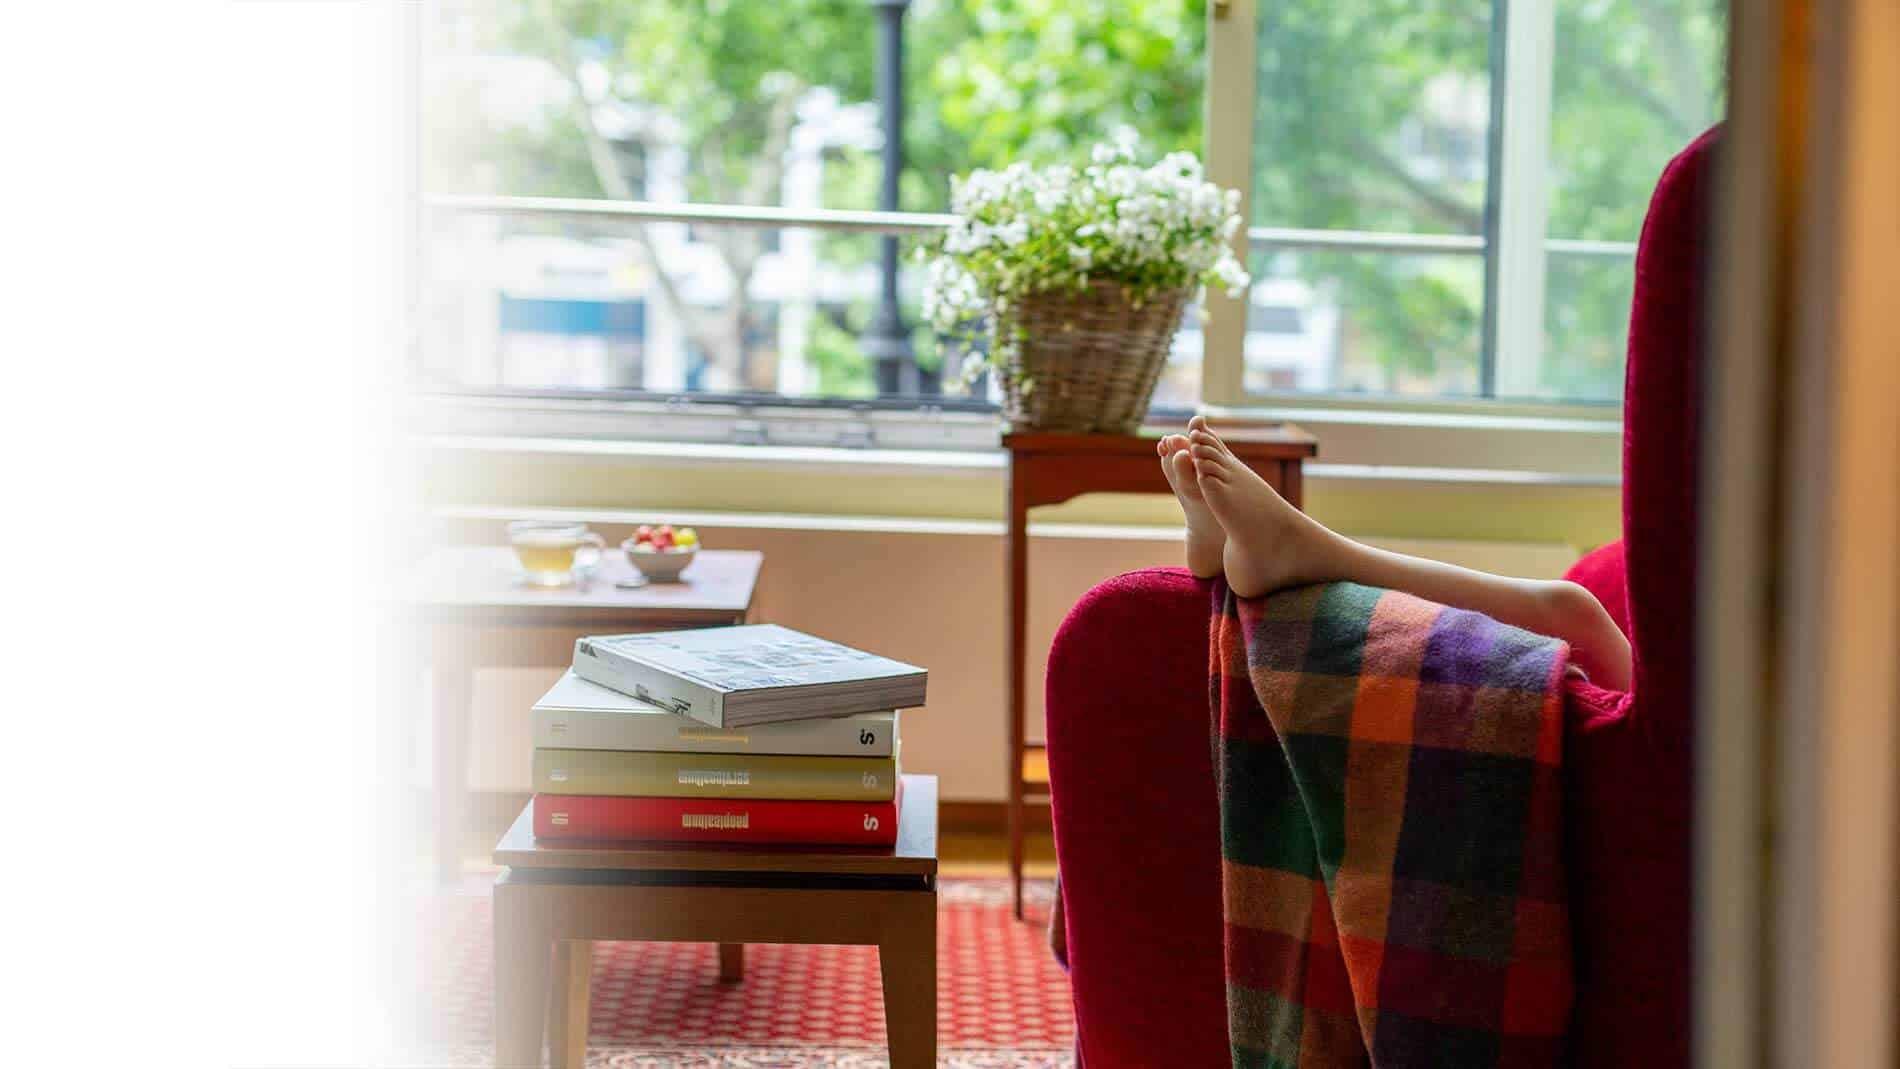 Foto aus dem Familienzimmer des Louisa's Place Hotel, Kinderfüße ragen über einen roten Sessel mit karierter Decke hervor, im Hintergrund ein Tisch mit Büchern und das Fenster